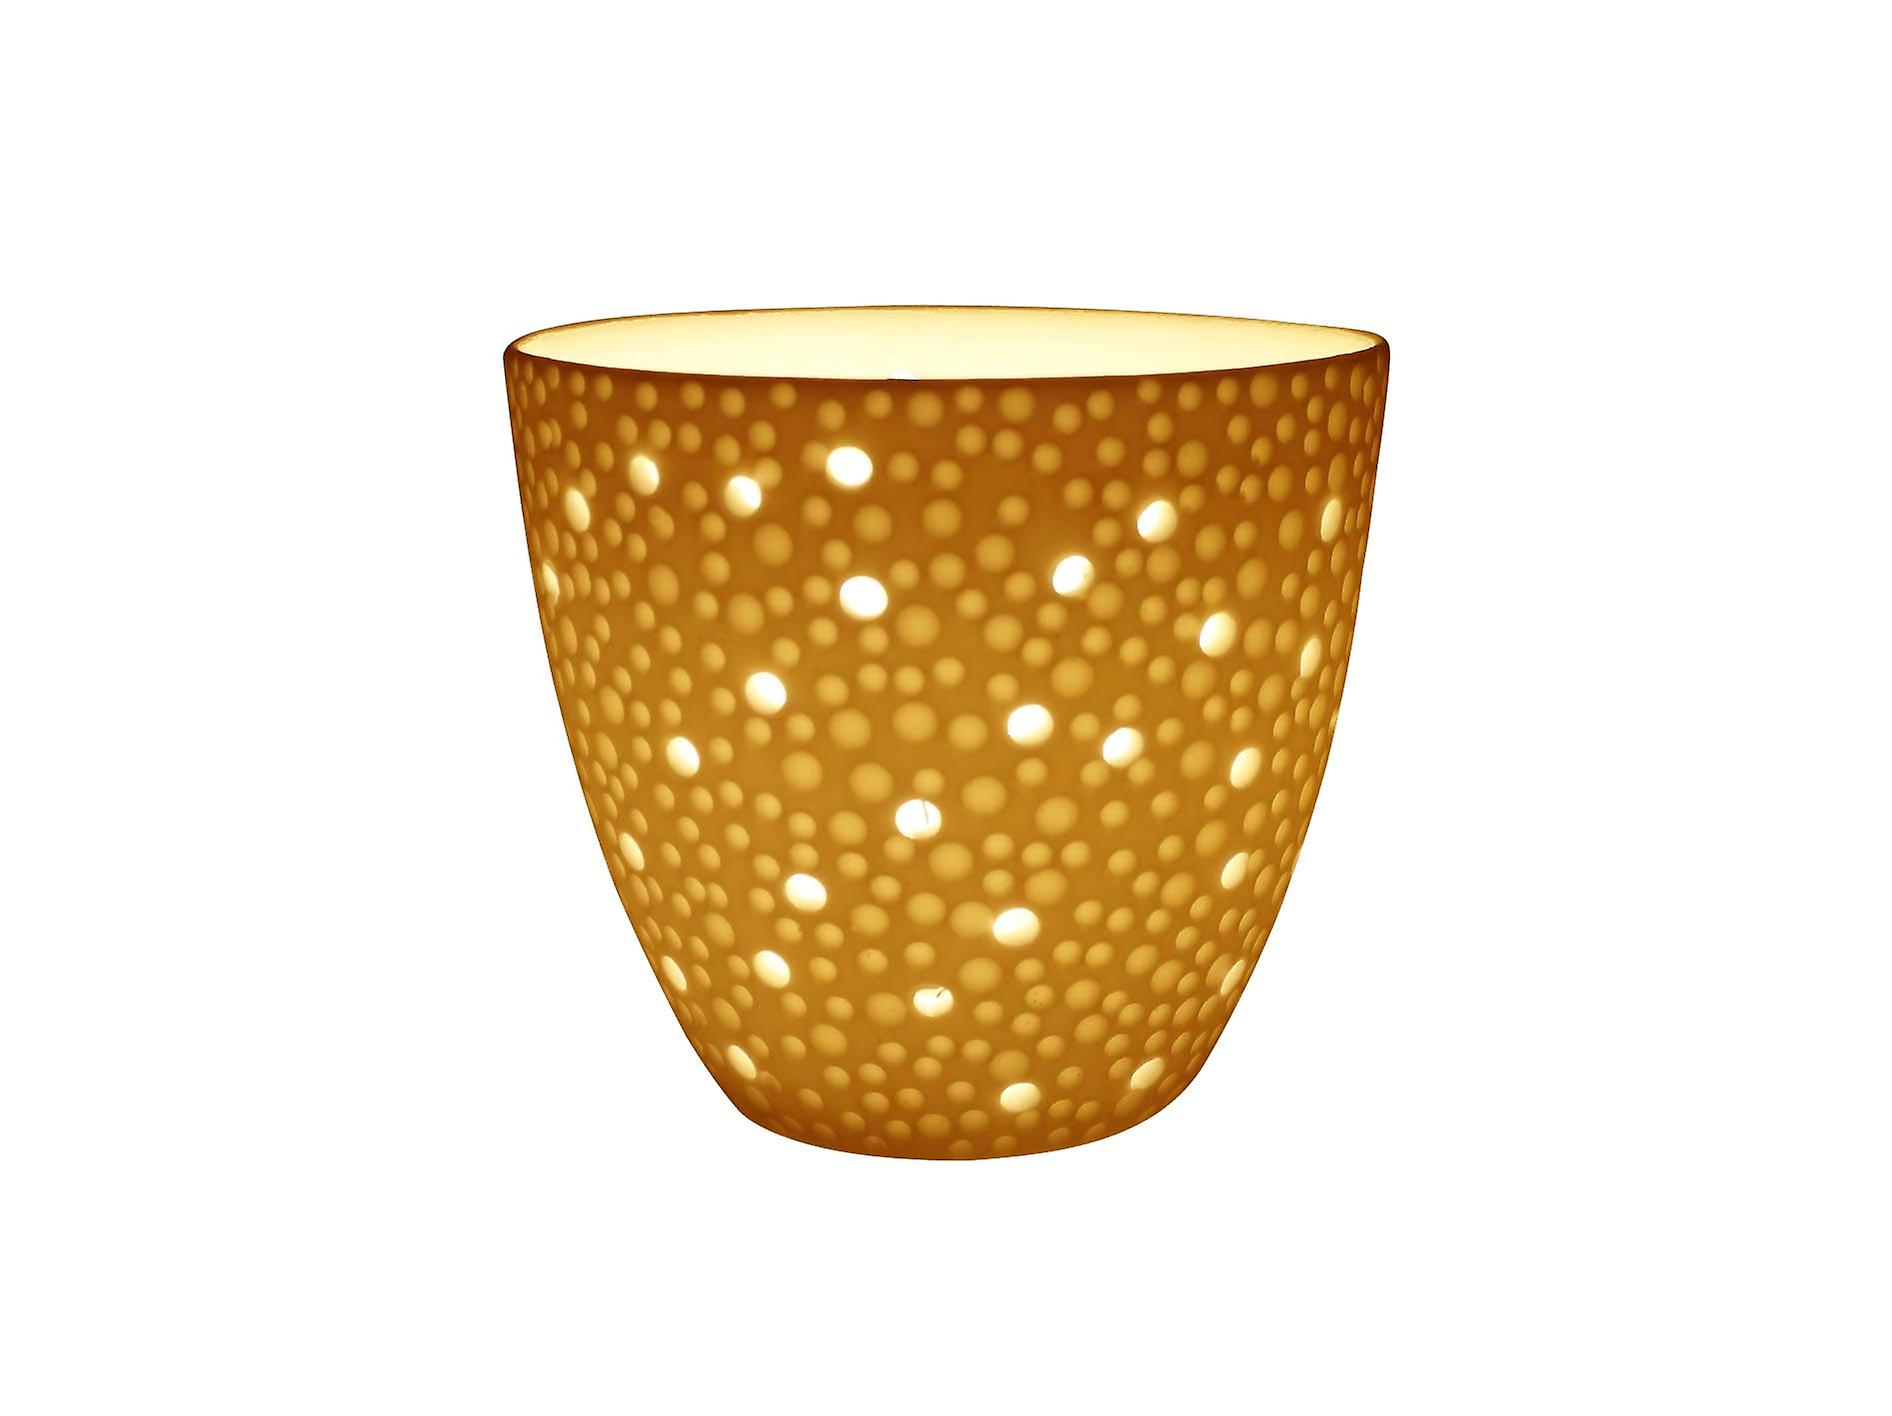 Licht Roze Kaarsen : Licht gloed bubbels lithophane theelicht kaars houder cup fruugo